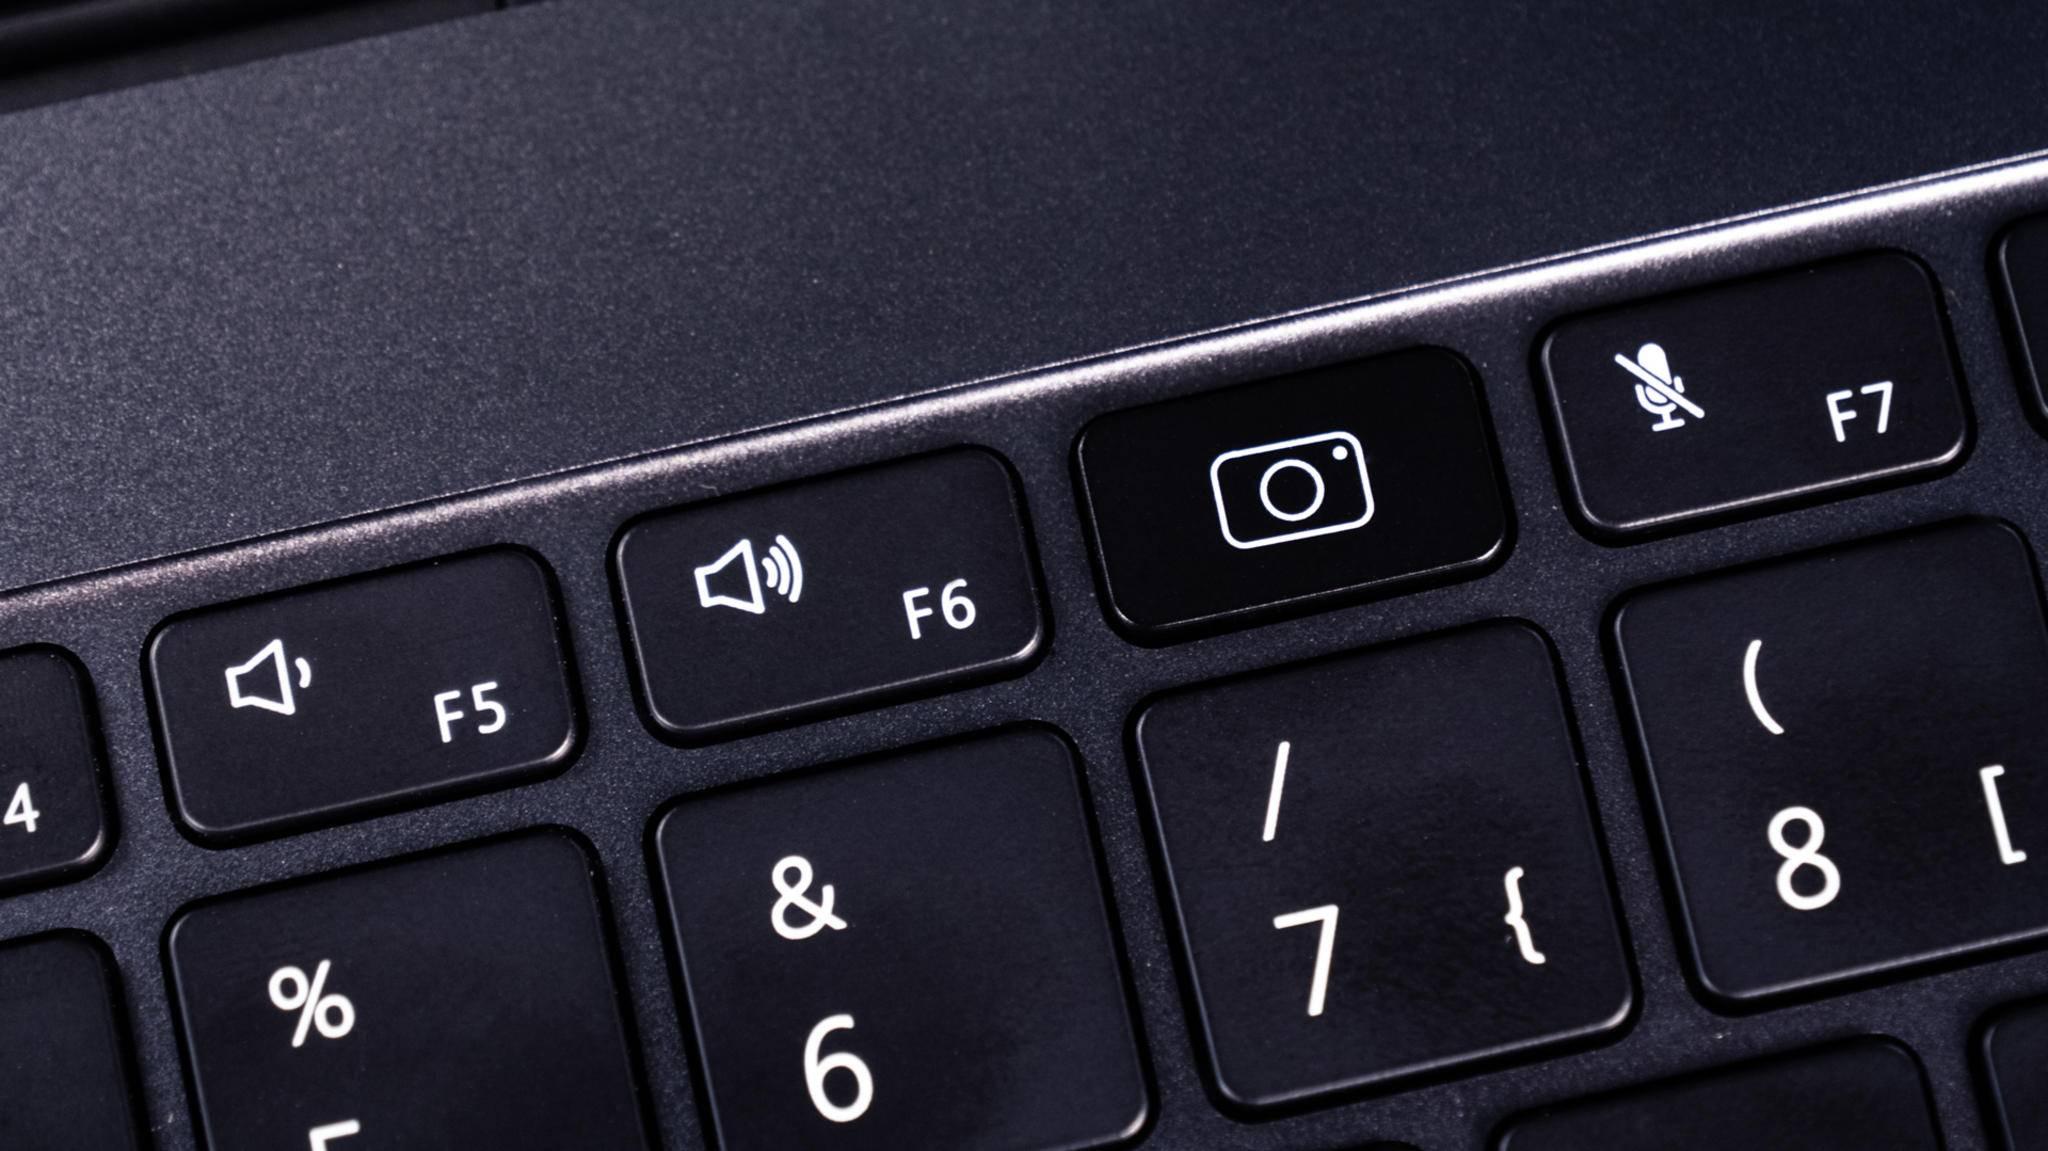 Ungewöhnlicherweise sitzt die Webcam in der Tastatur...